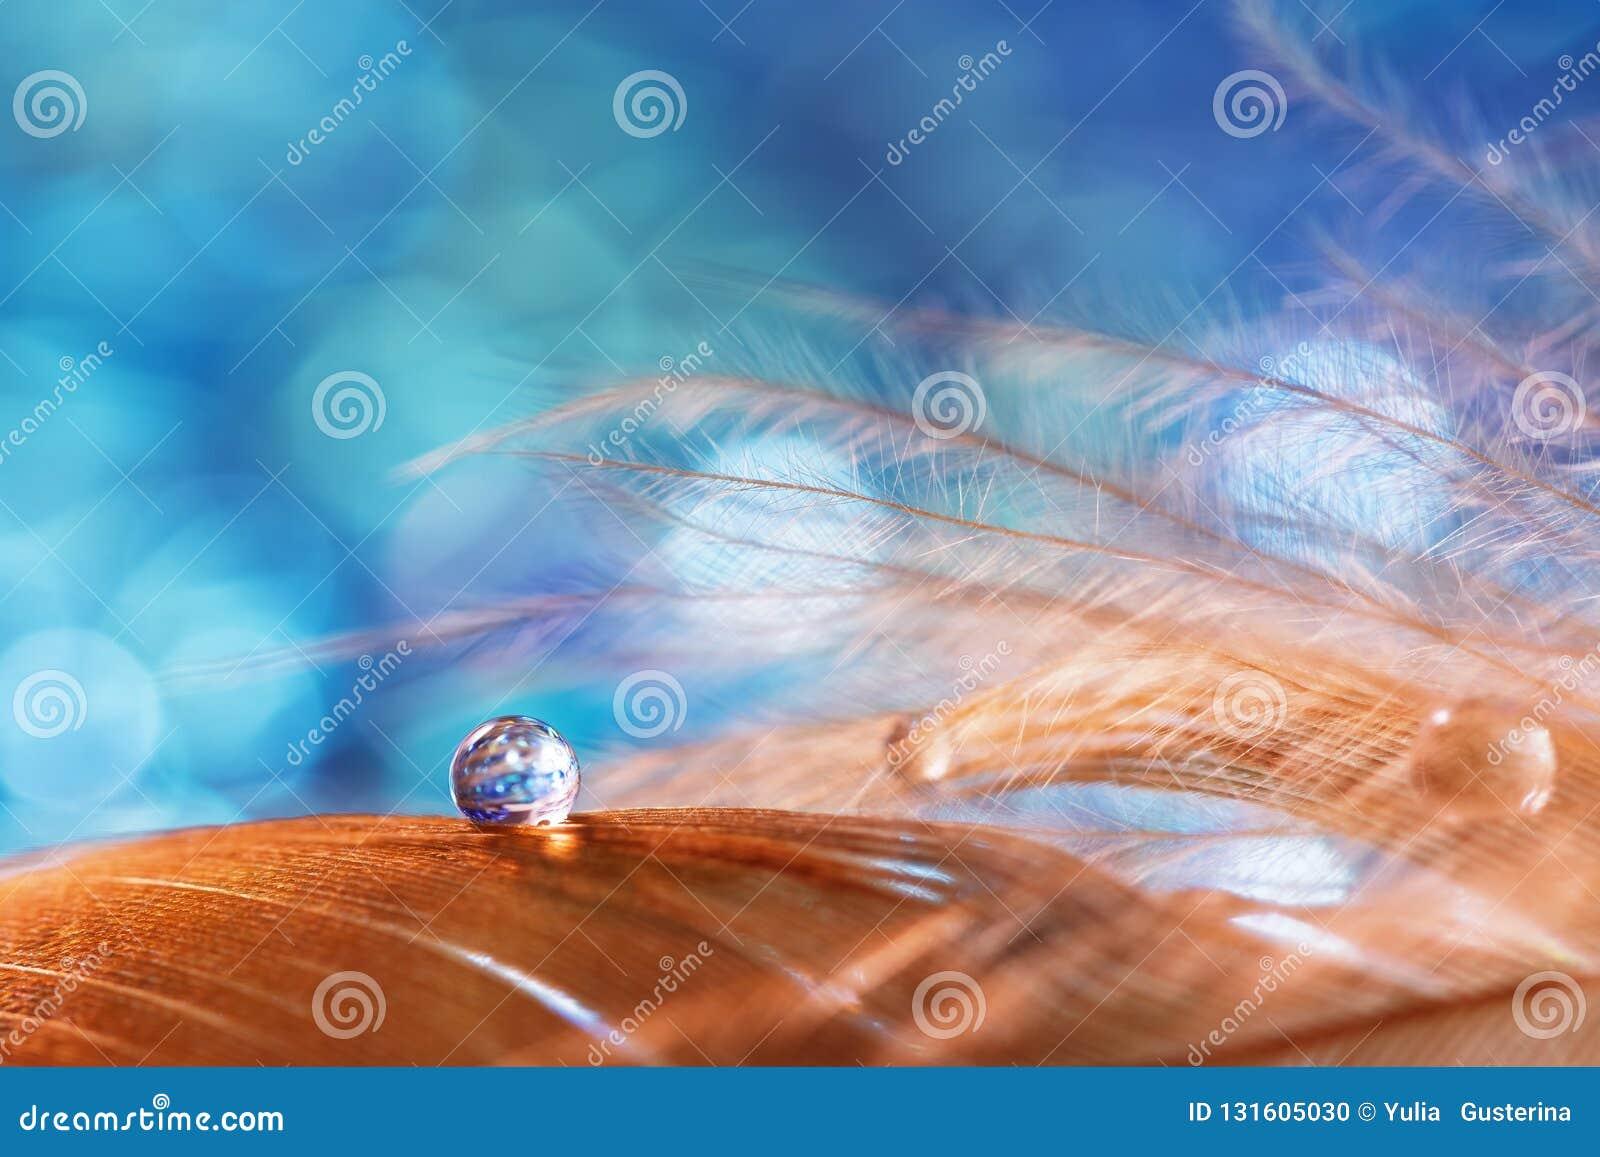 Kropla wodna rosa na puszystym piórku na w górę błękitnego zamazanego tła Abstrakcjonistyczny romantyczny magiczny artystyczny wi